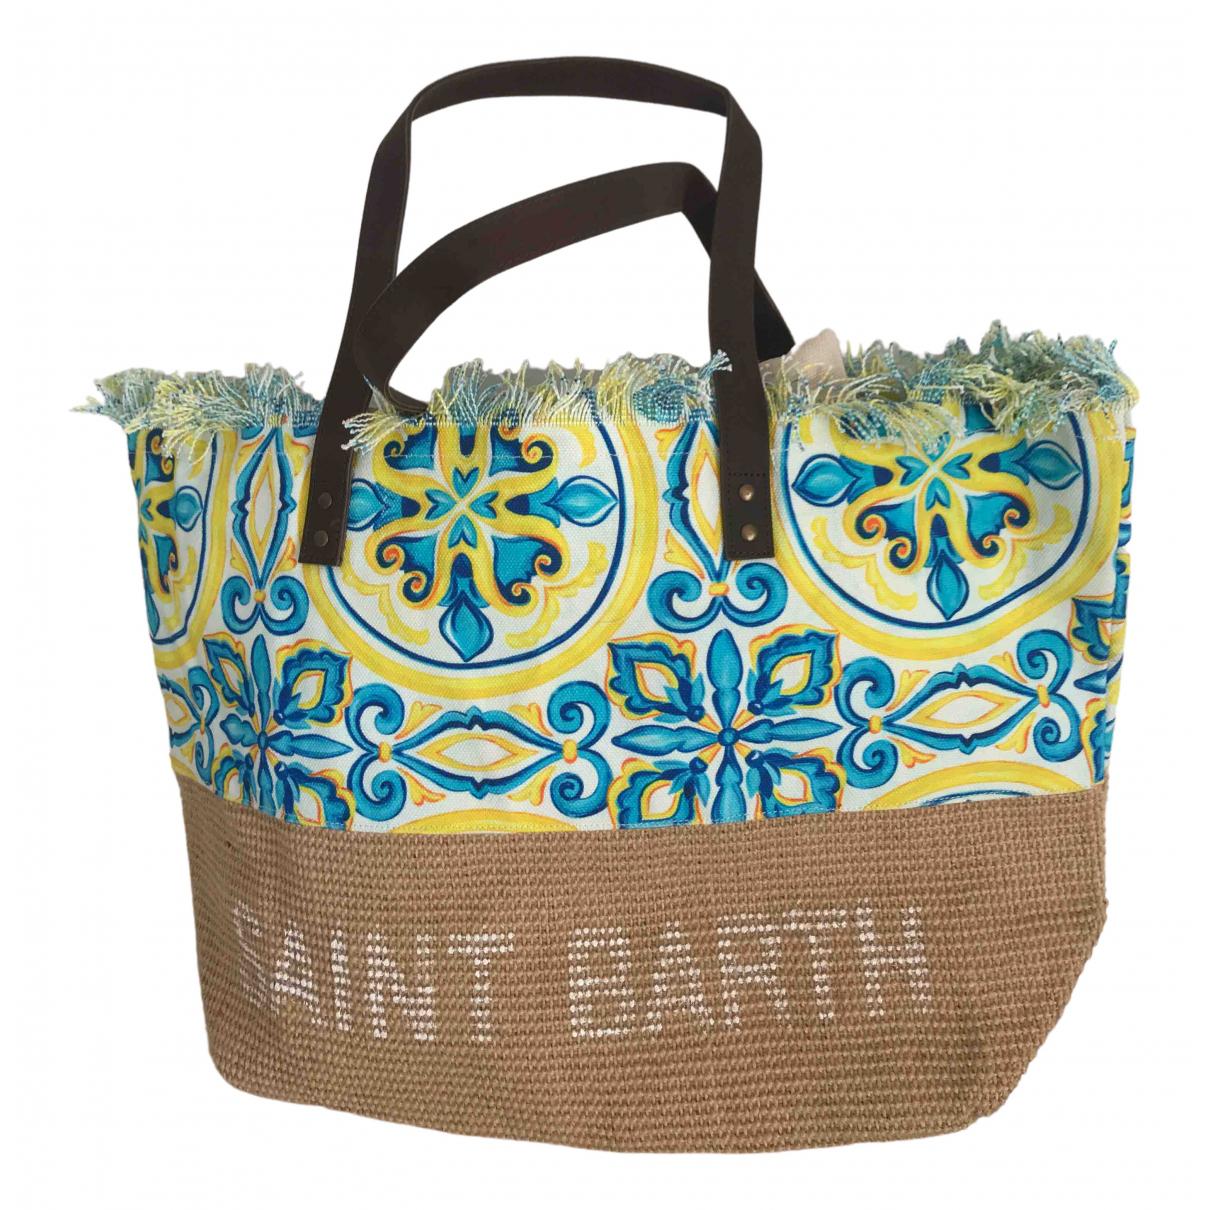 Mc2 Saint Barth - Pochette   pour femme en paille - multicolore